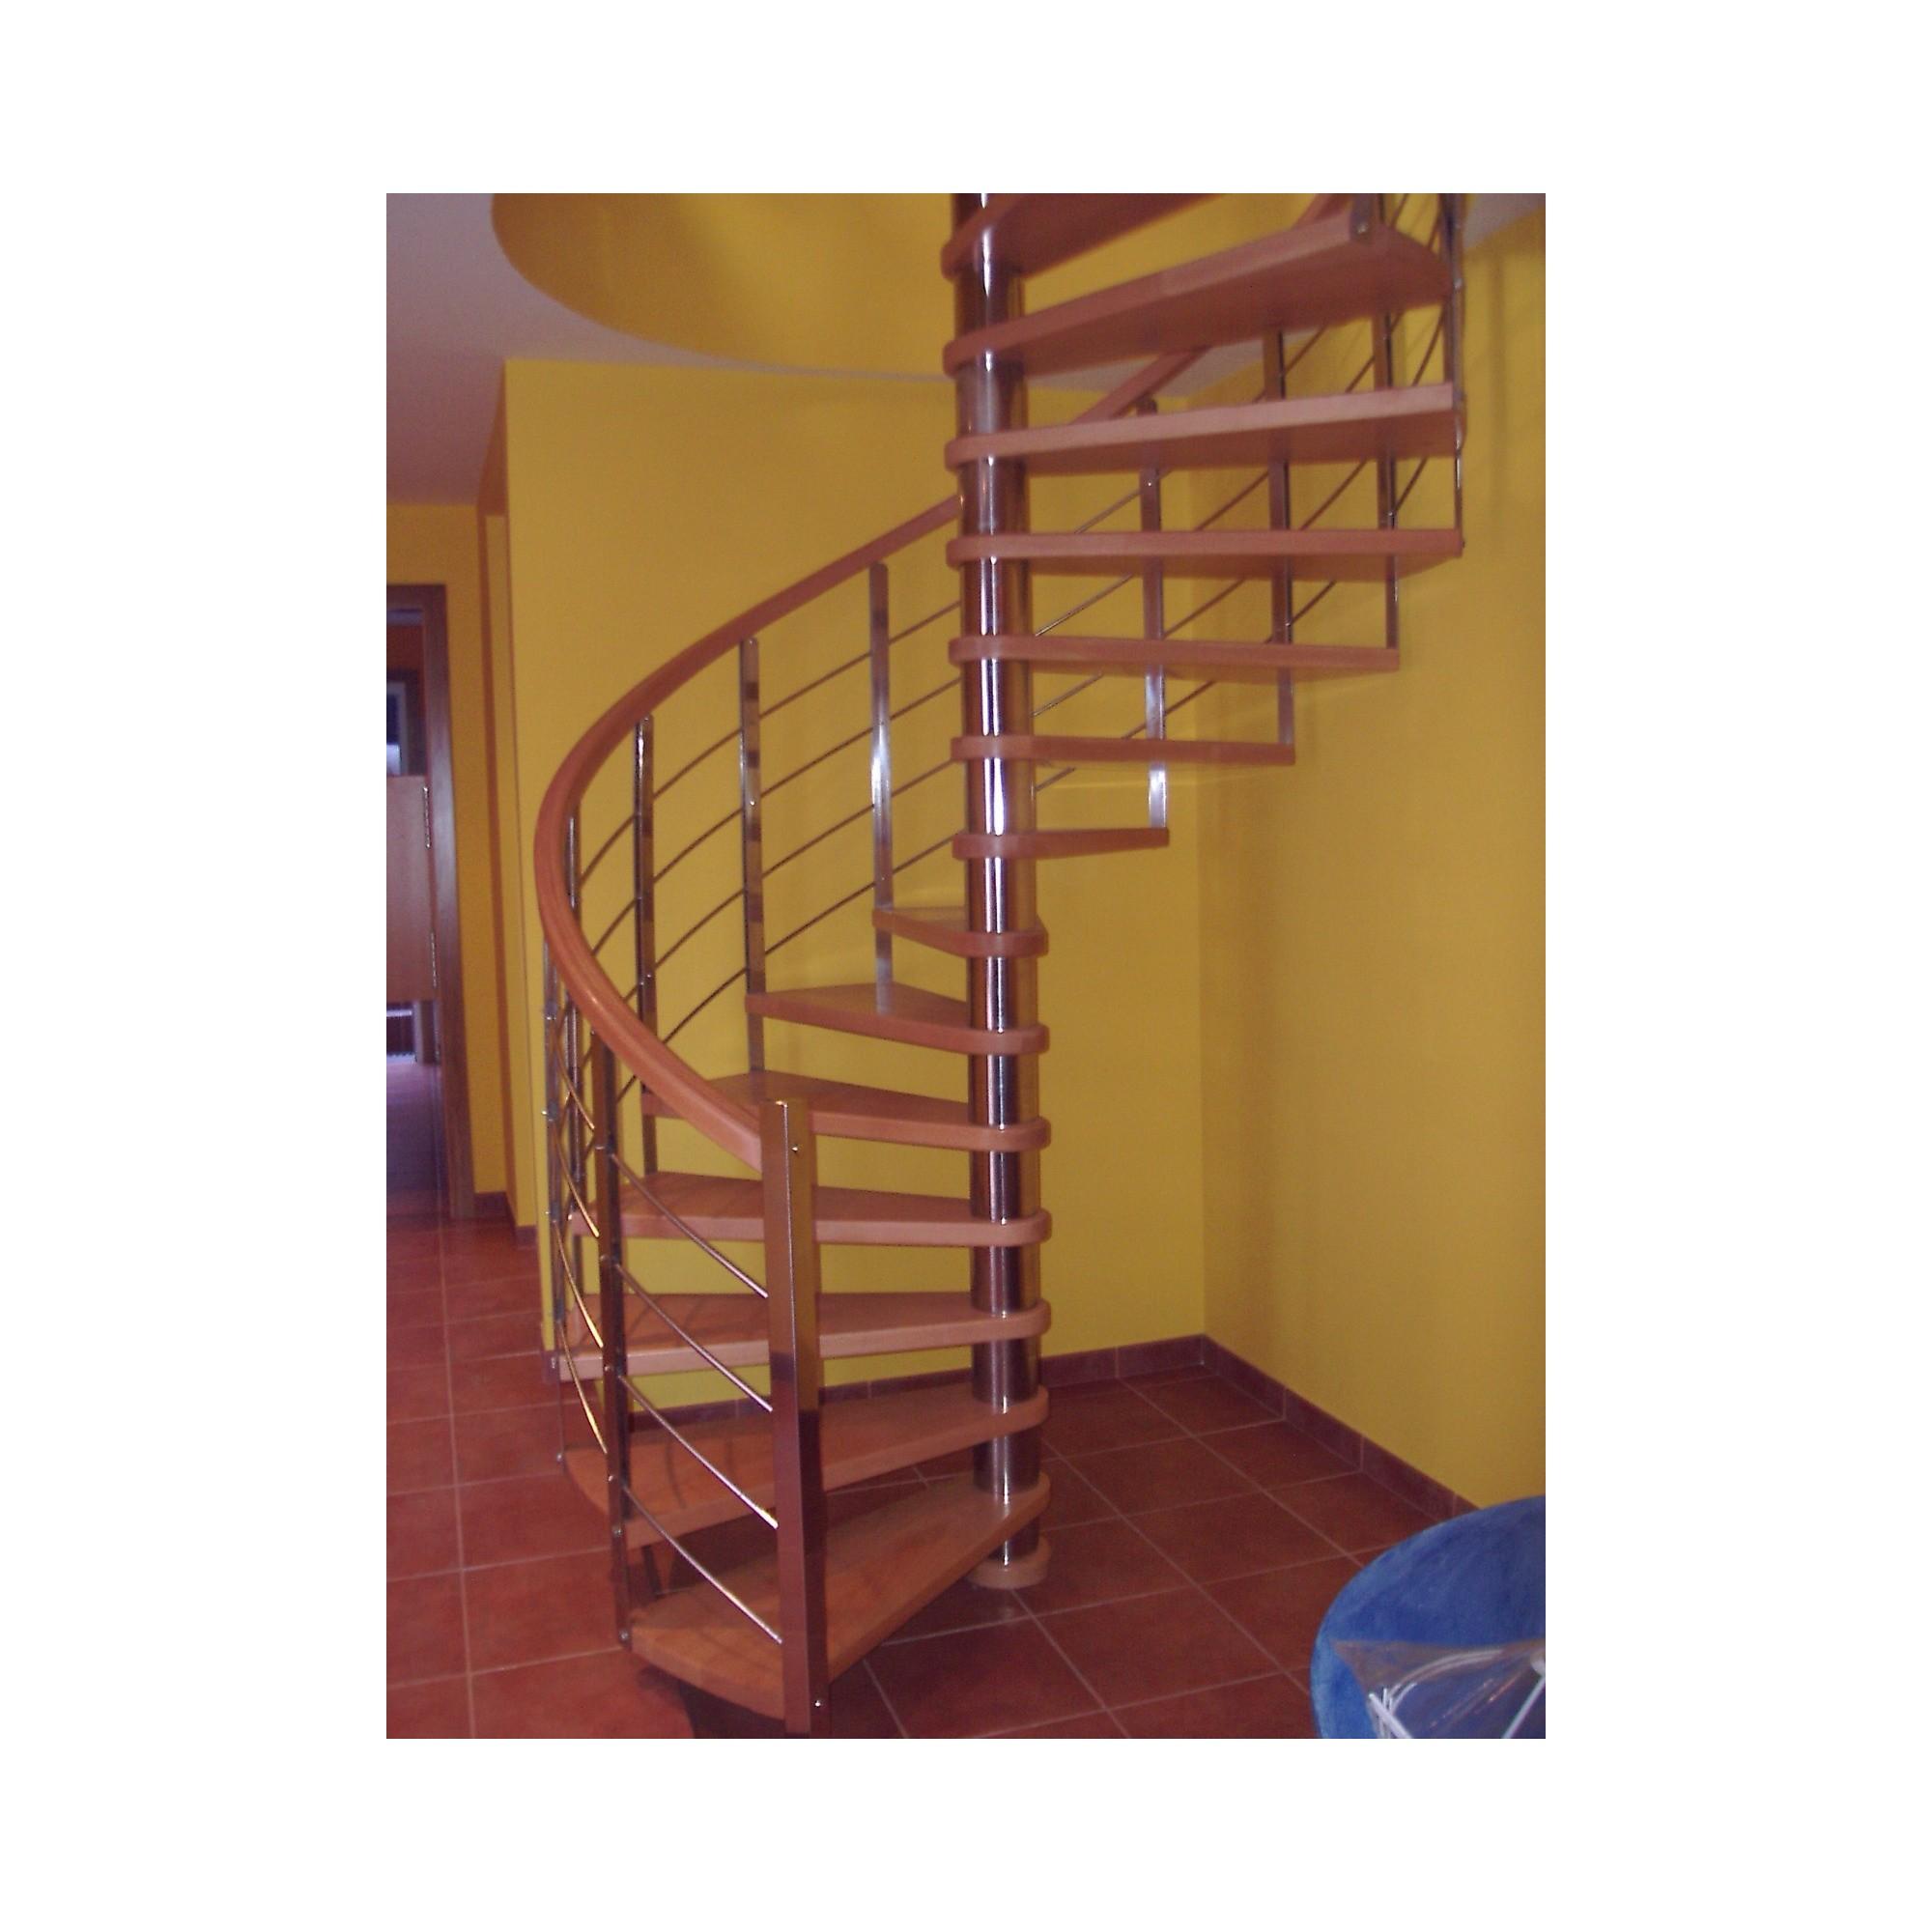 Escalera caracol a medida modelo arte - Escaleras a medida ...